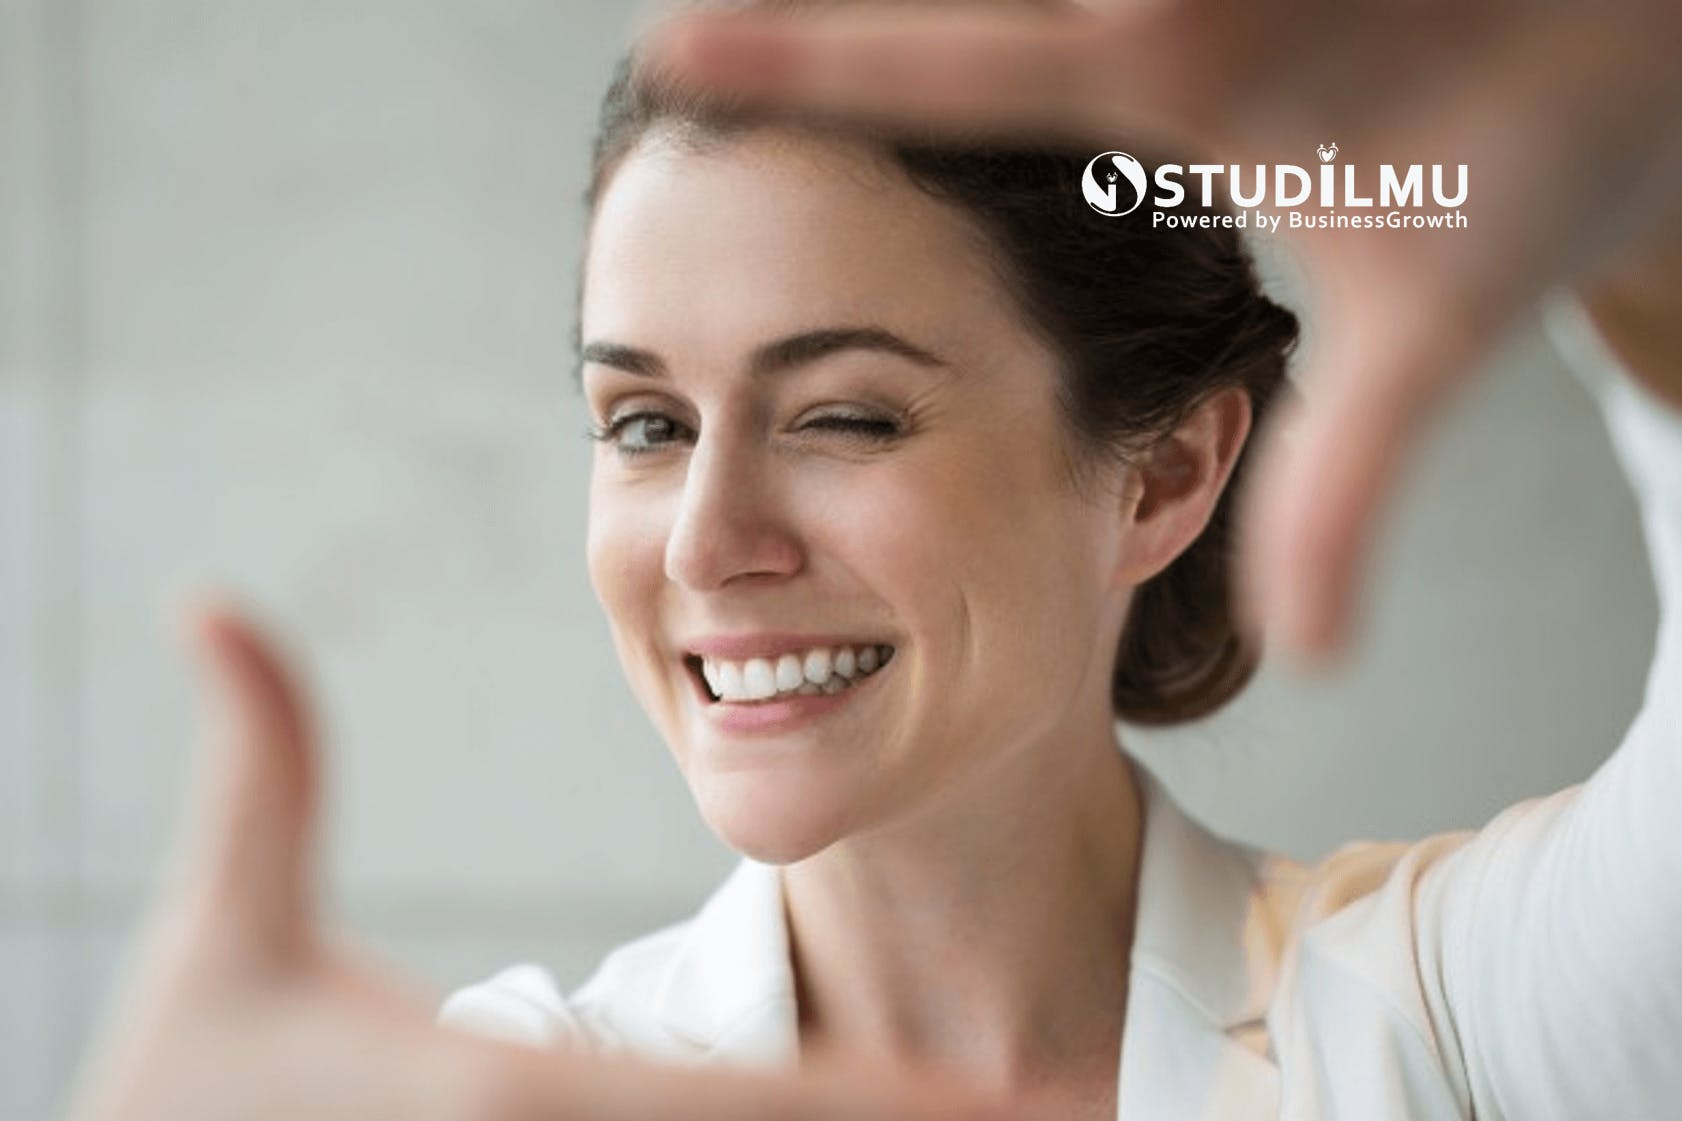 STUDILMU Career Advice - Apa Saja Manfaat Senyum di Dunia Kerja?